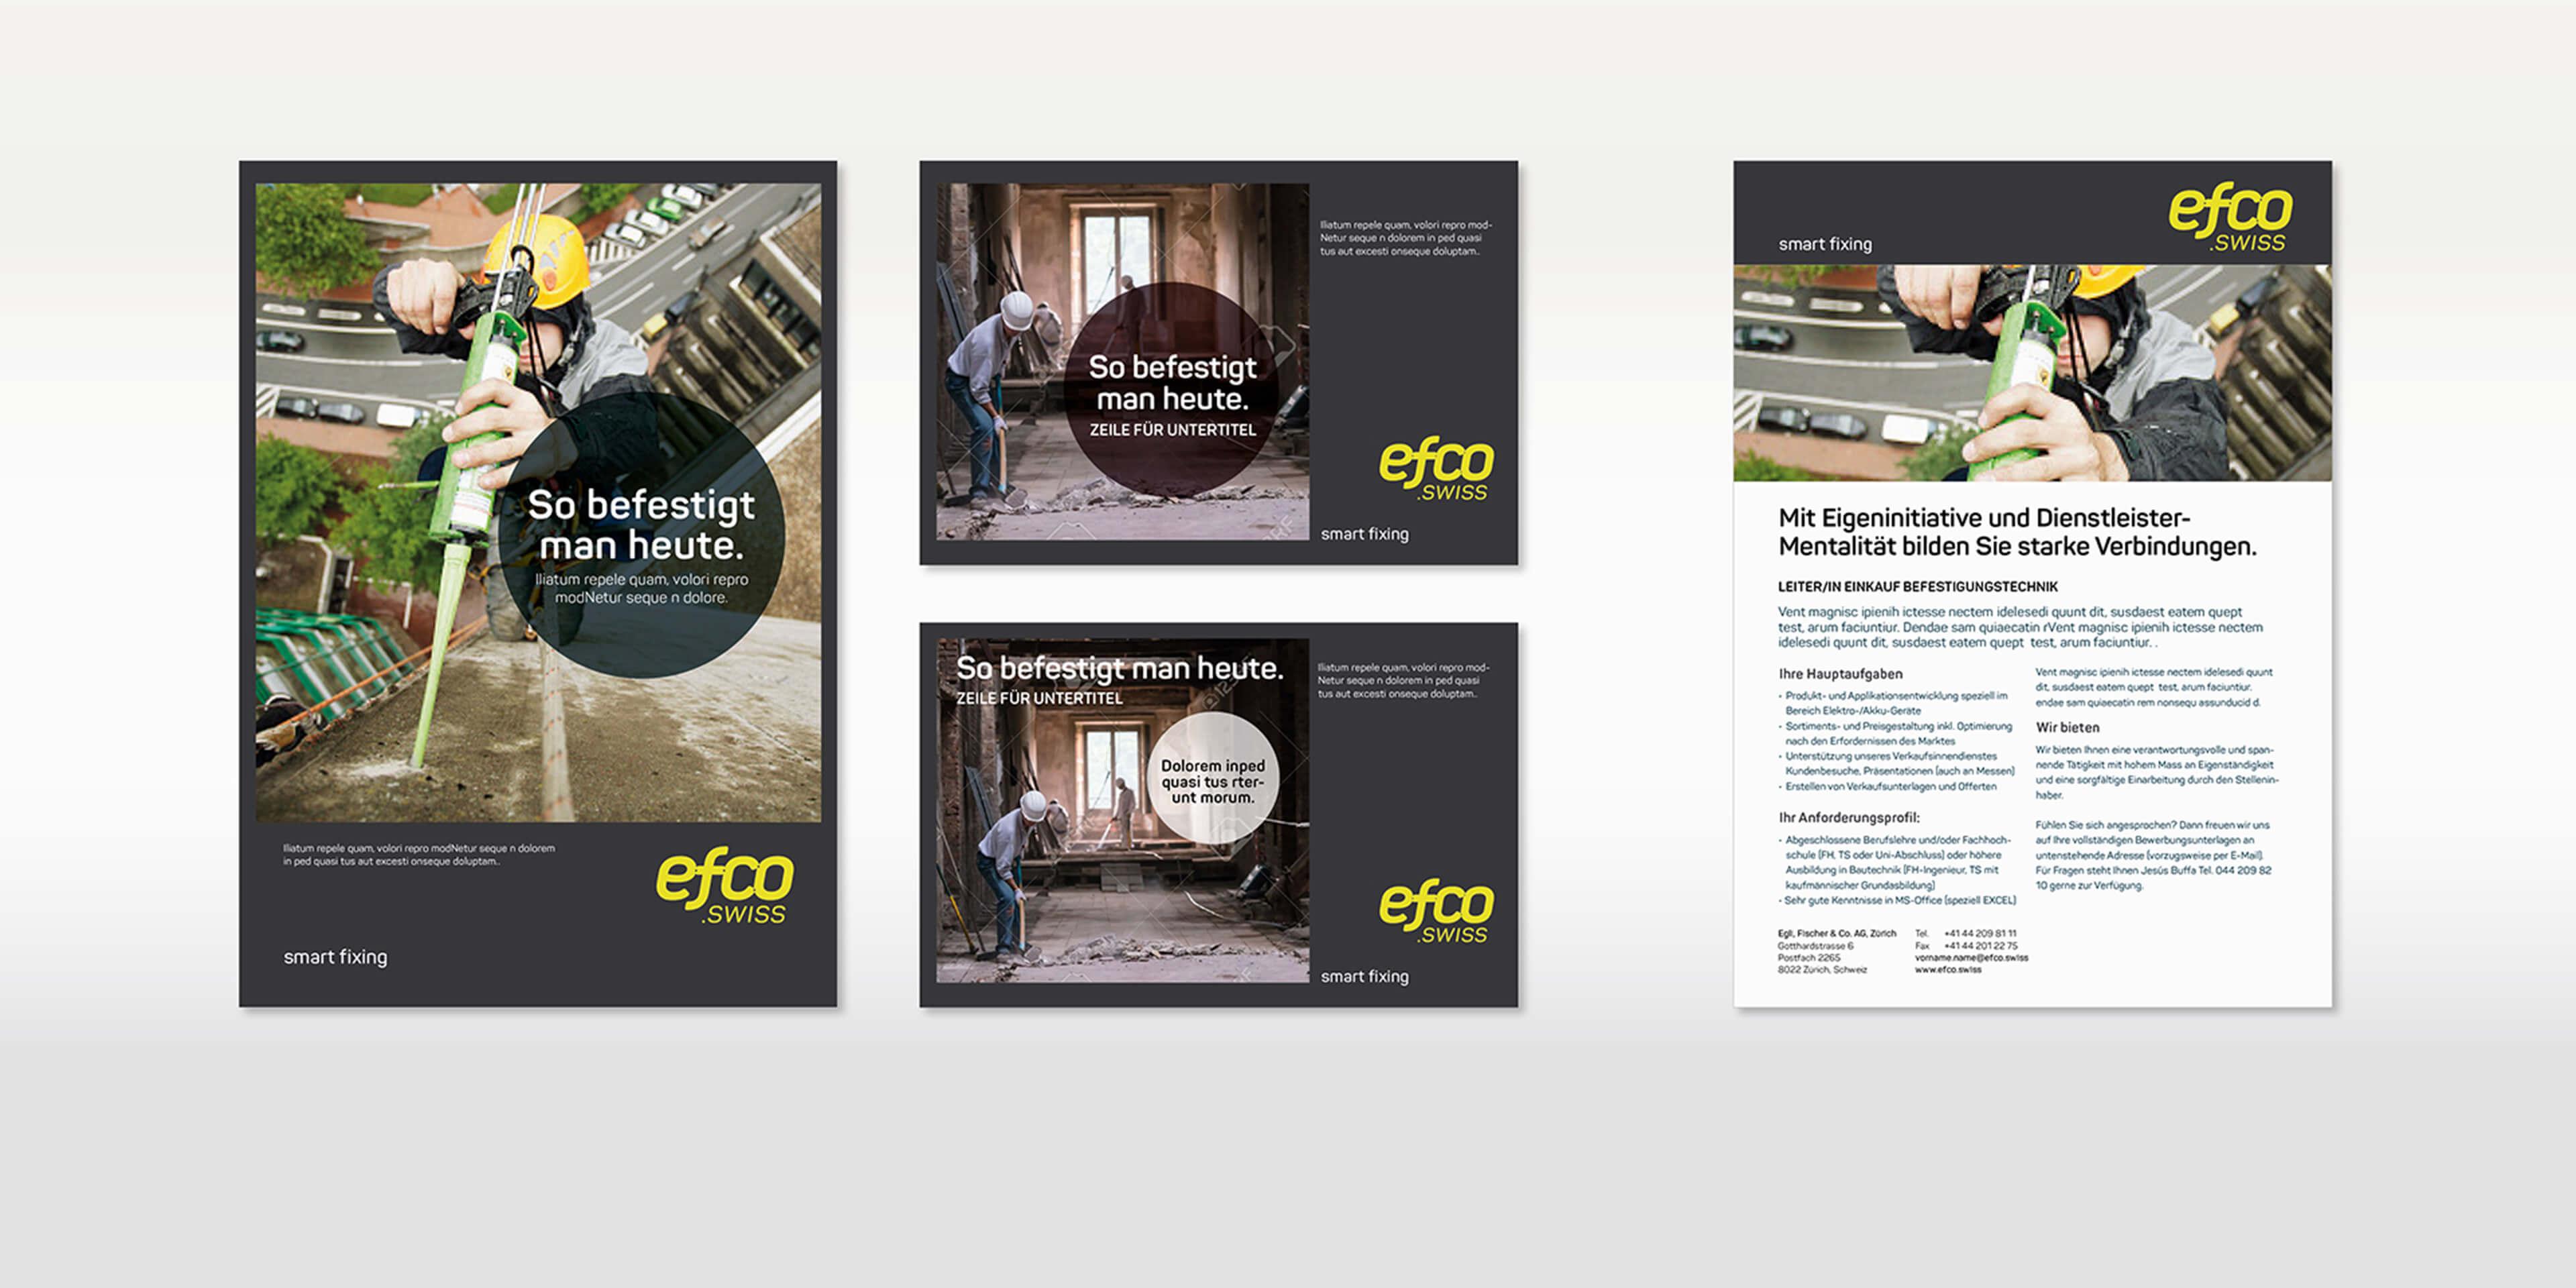 Unternehmenskommunikation für EFCO